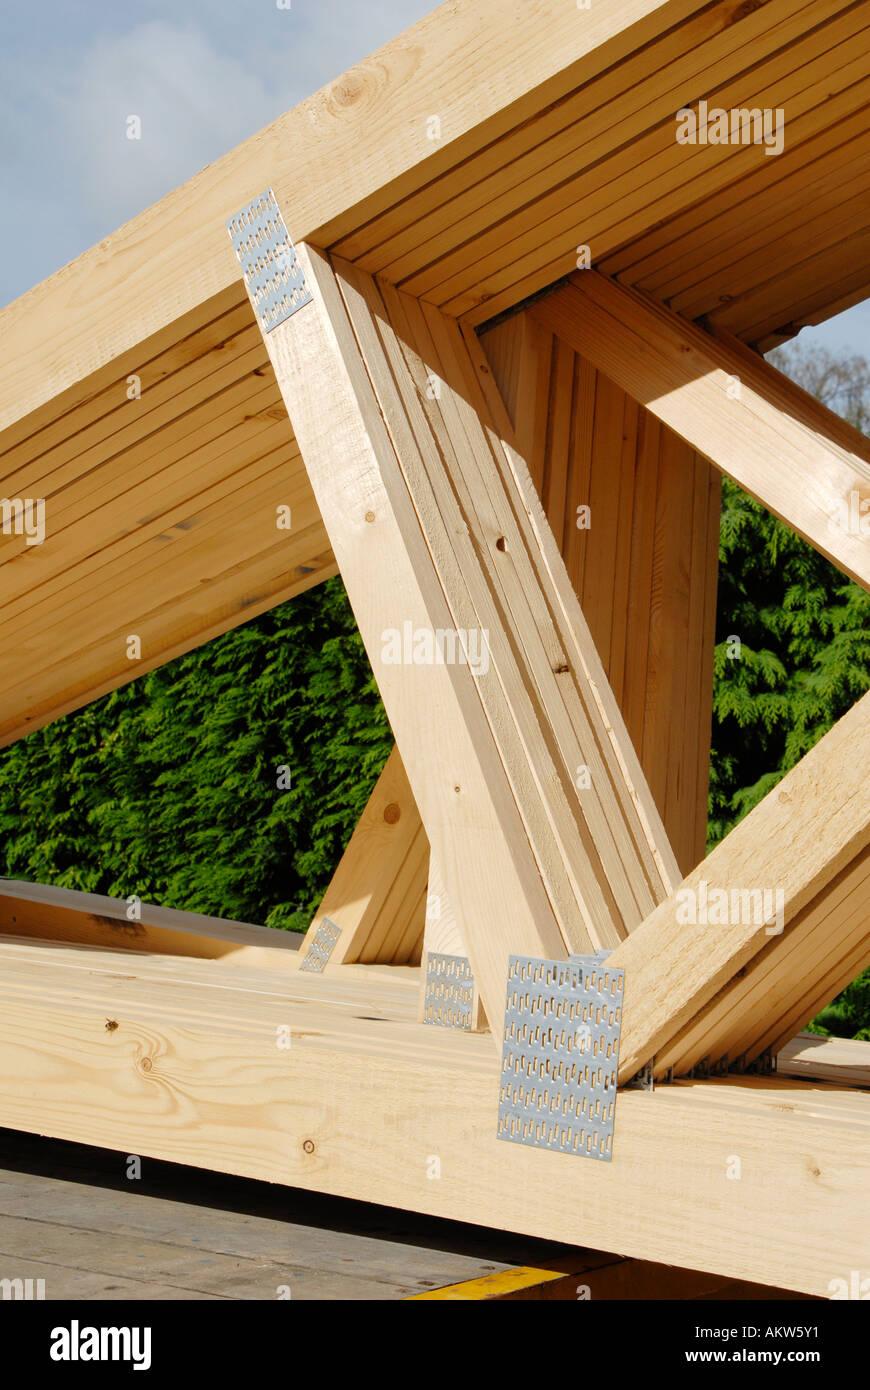 Legname travetti del tetto pronto per l'uso su un sito in costruzione. England Regno Unito. Immagini Stock